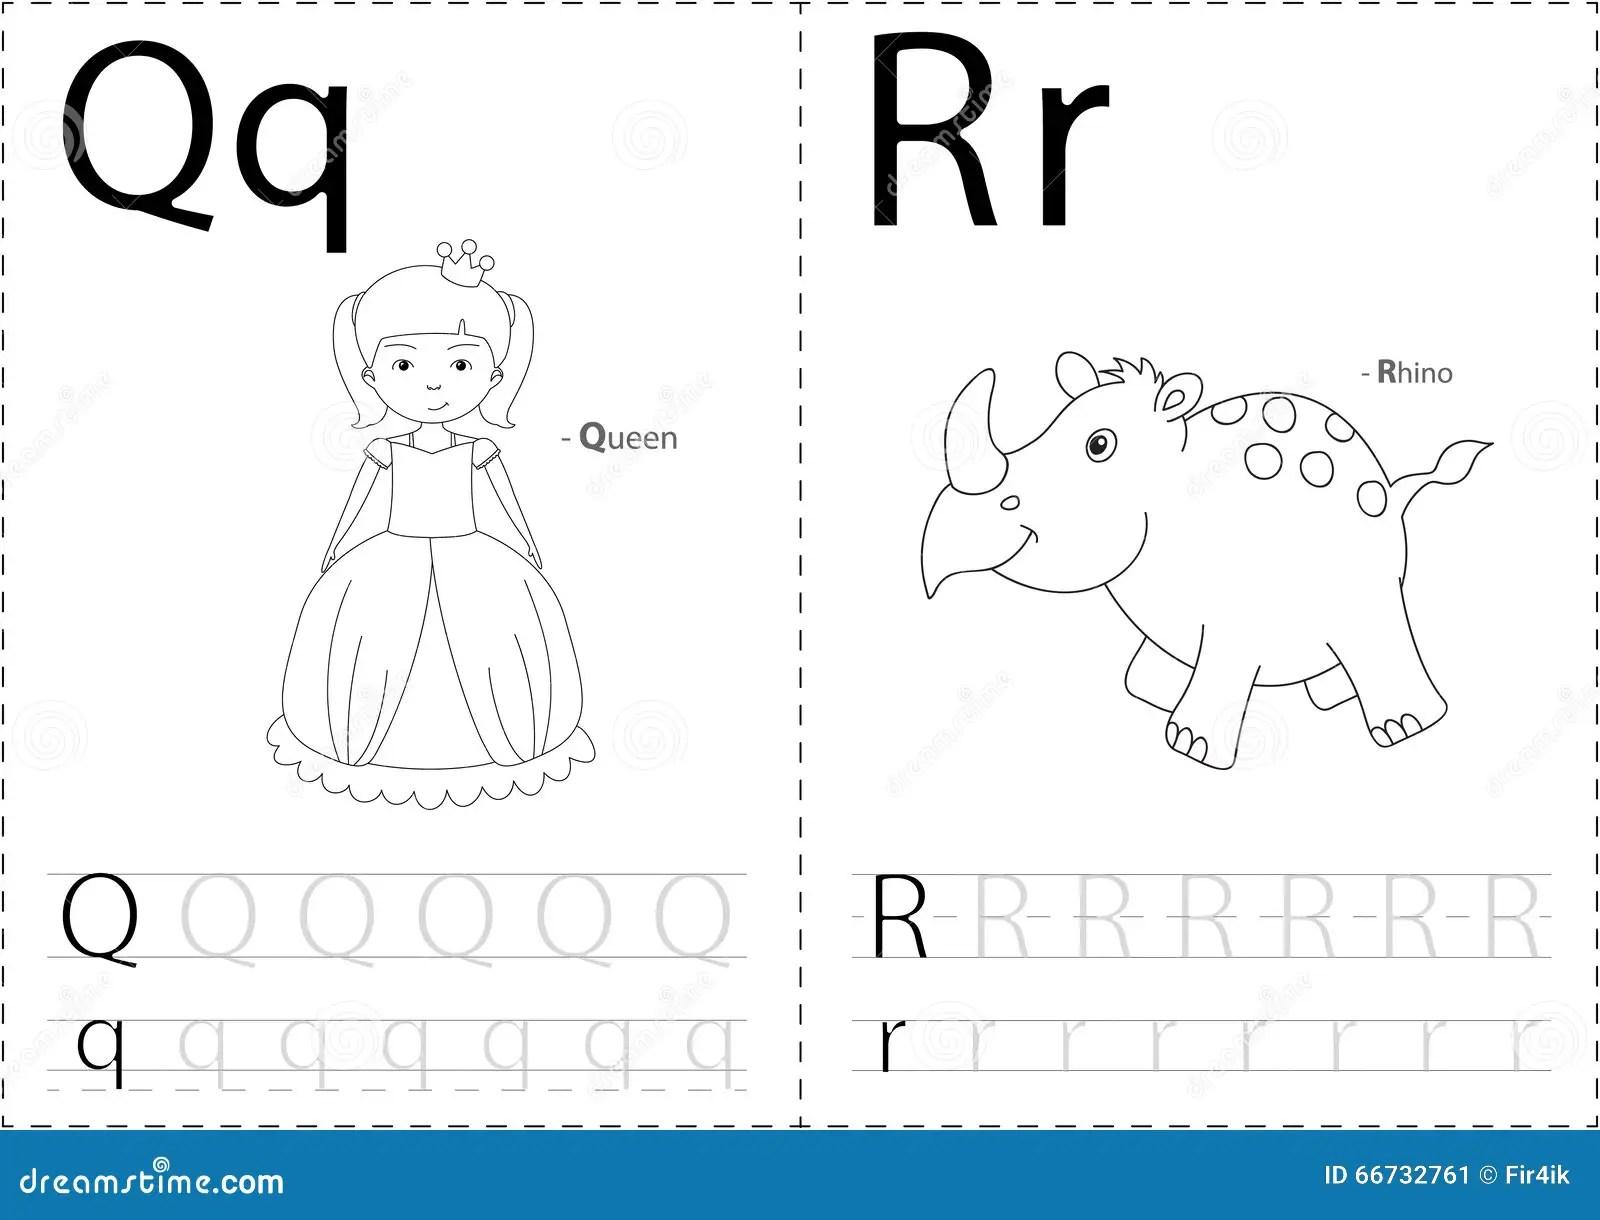 Reine Et Rhinoceros De Bande Dessinee Fiche De Travail De